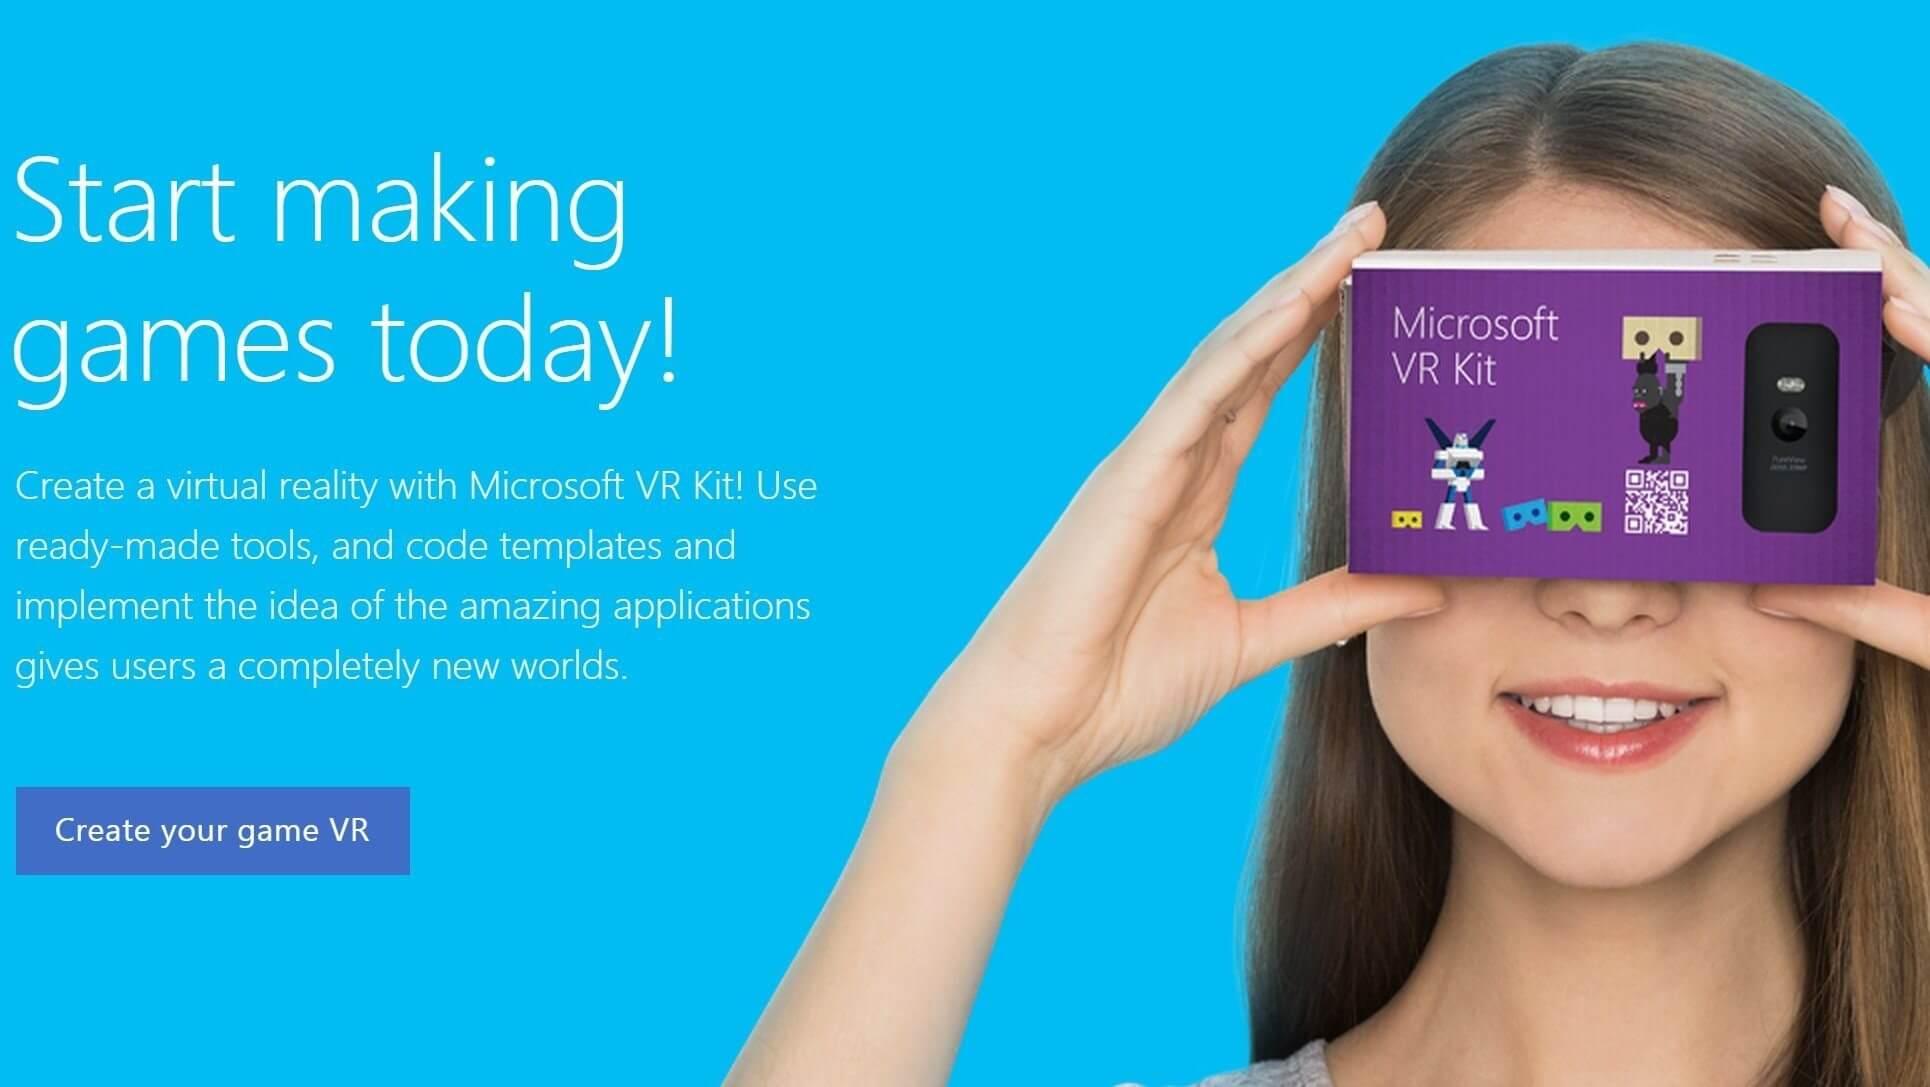 vr kit - Microsoft cria óculos de realidade virtual para competir com Google Cardboard